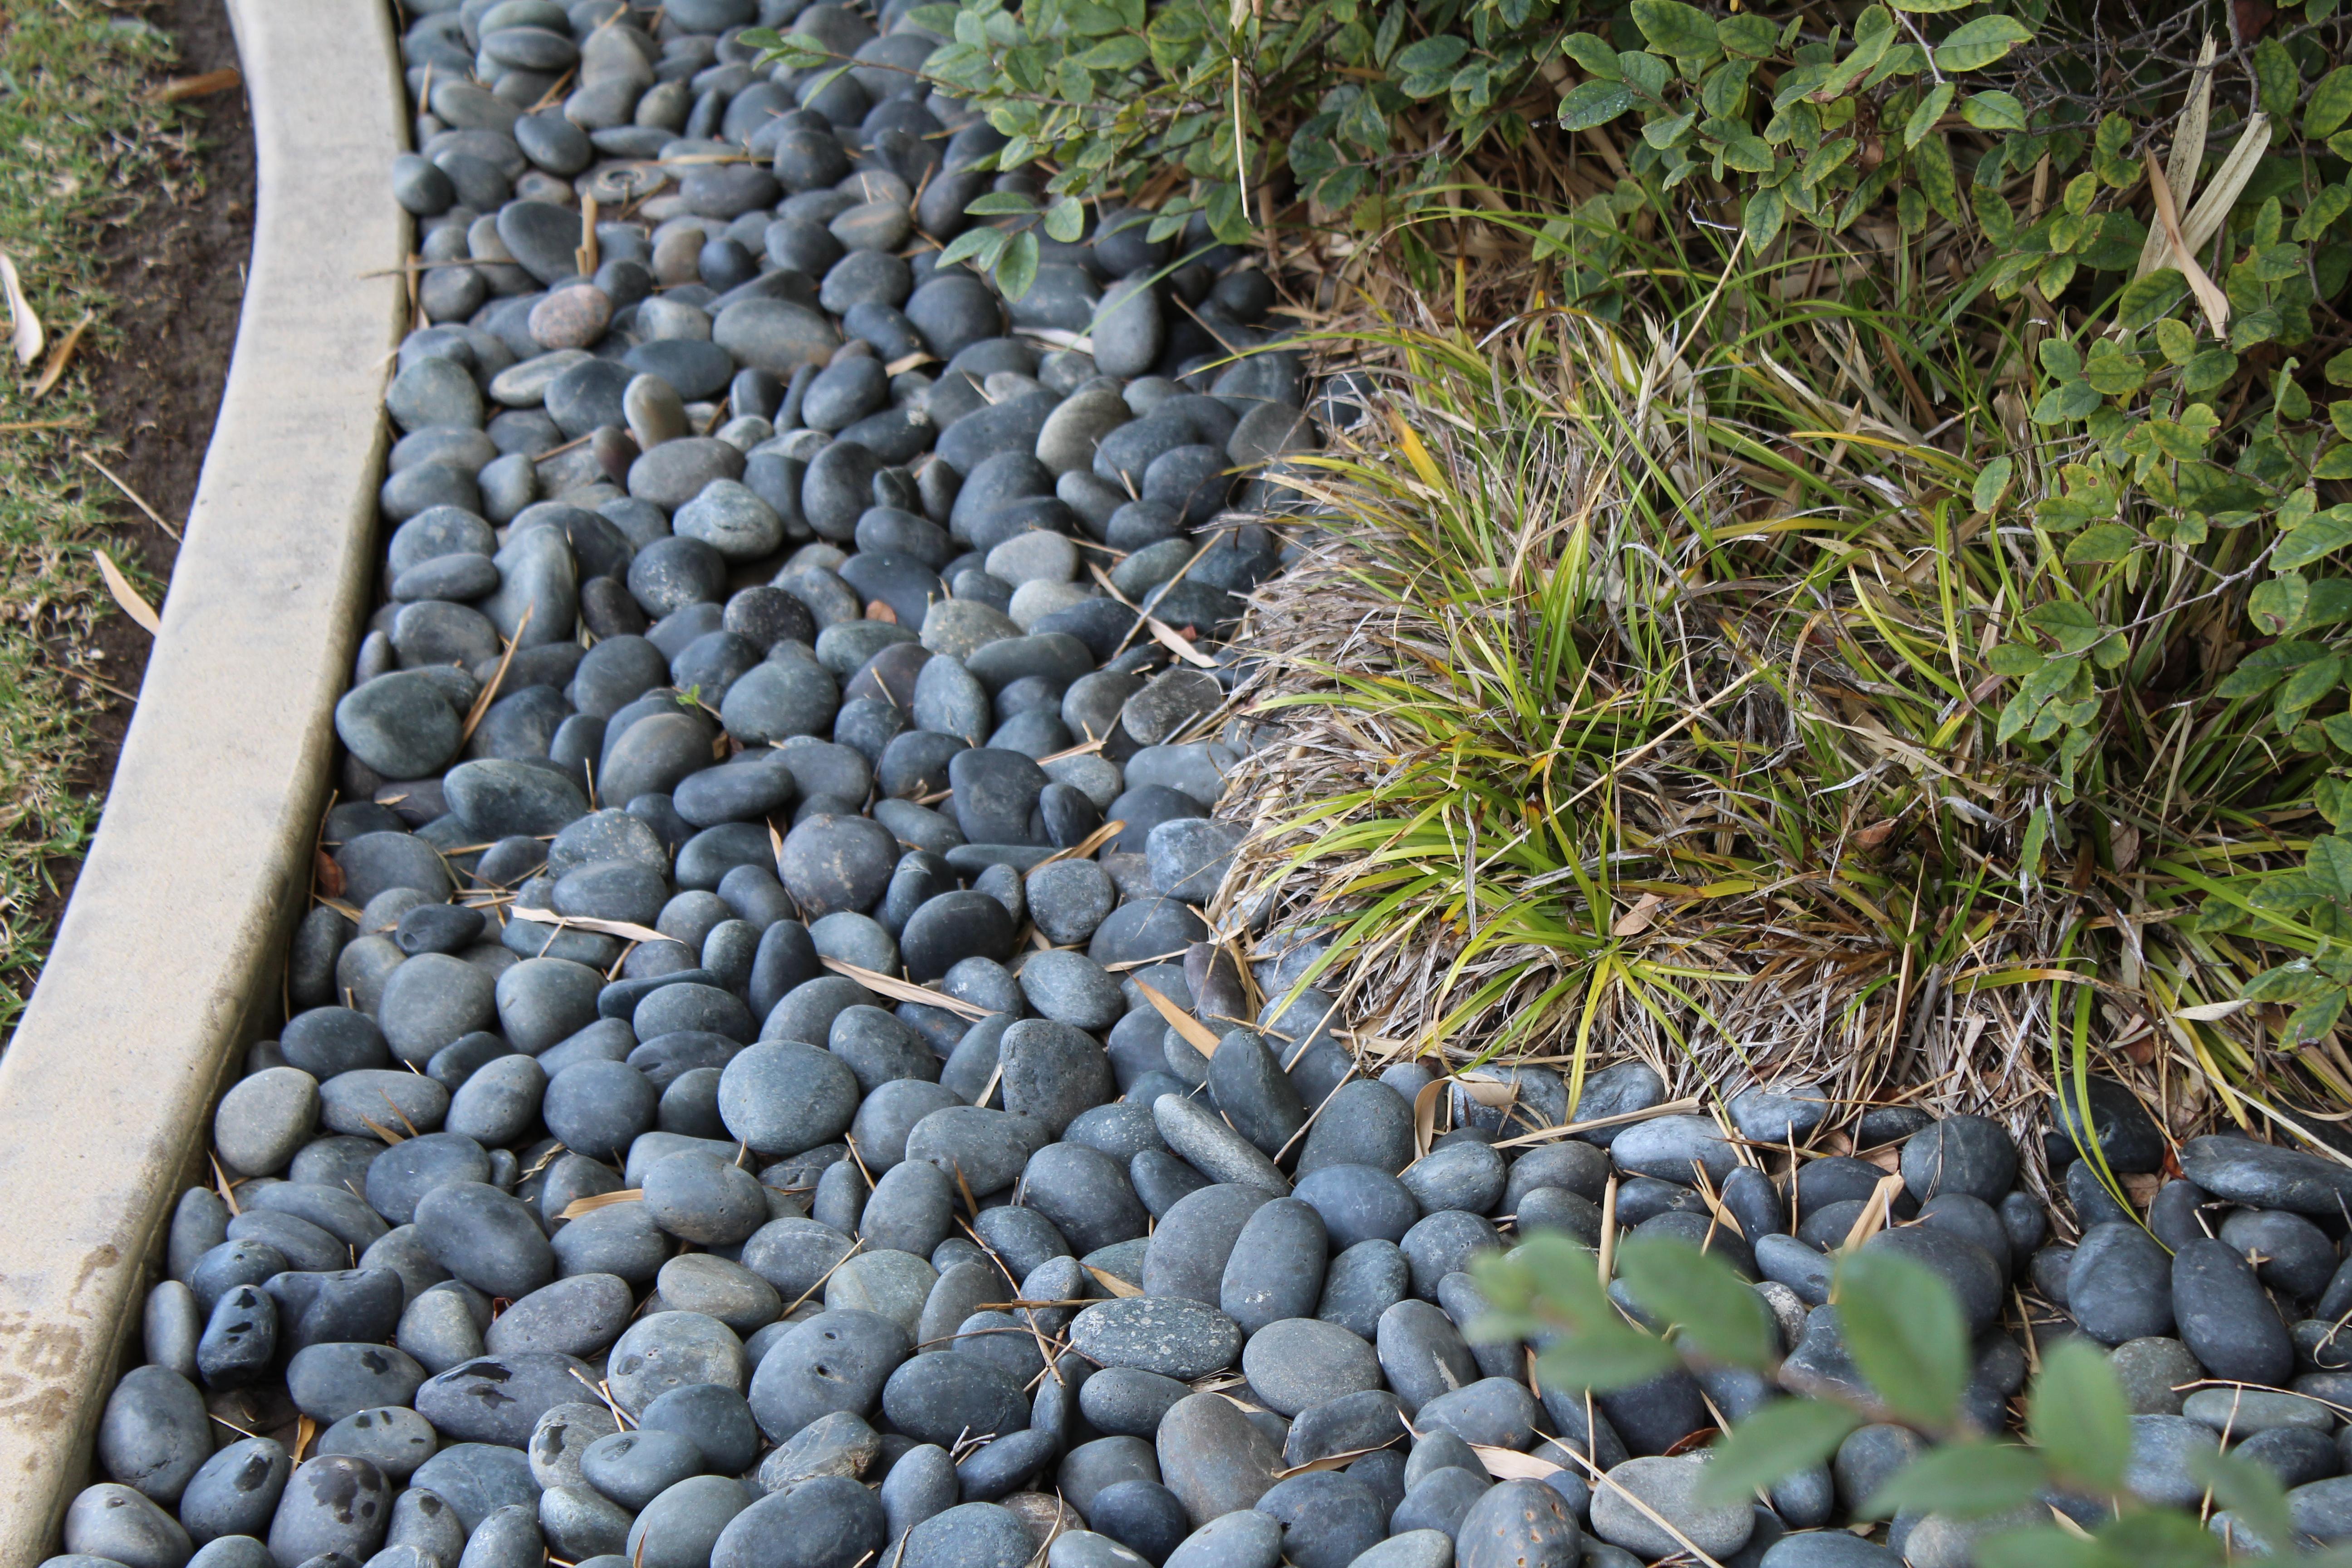 Black Mexican Beach Pebble landscape rock